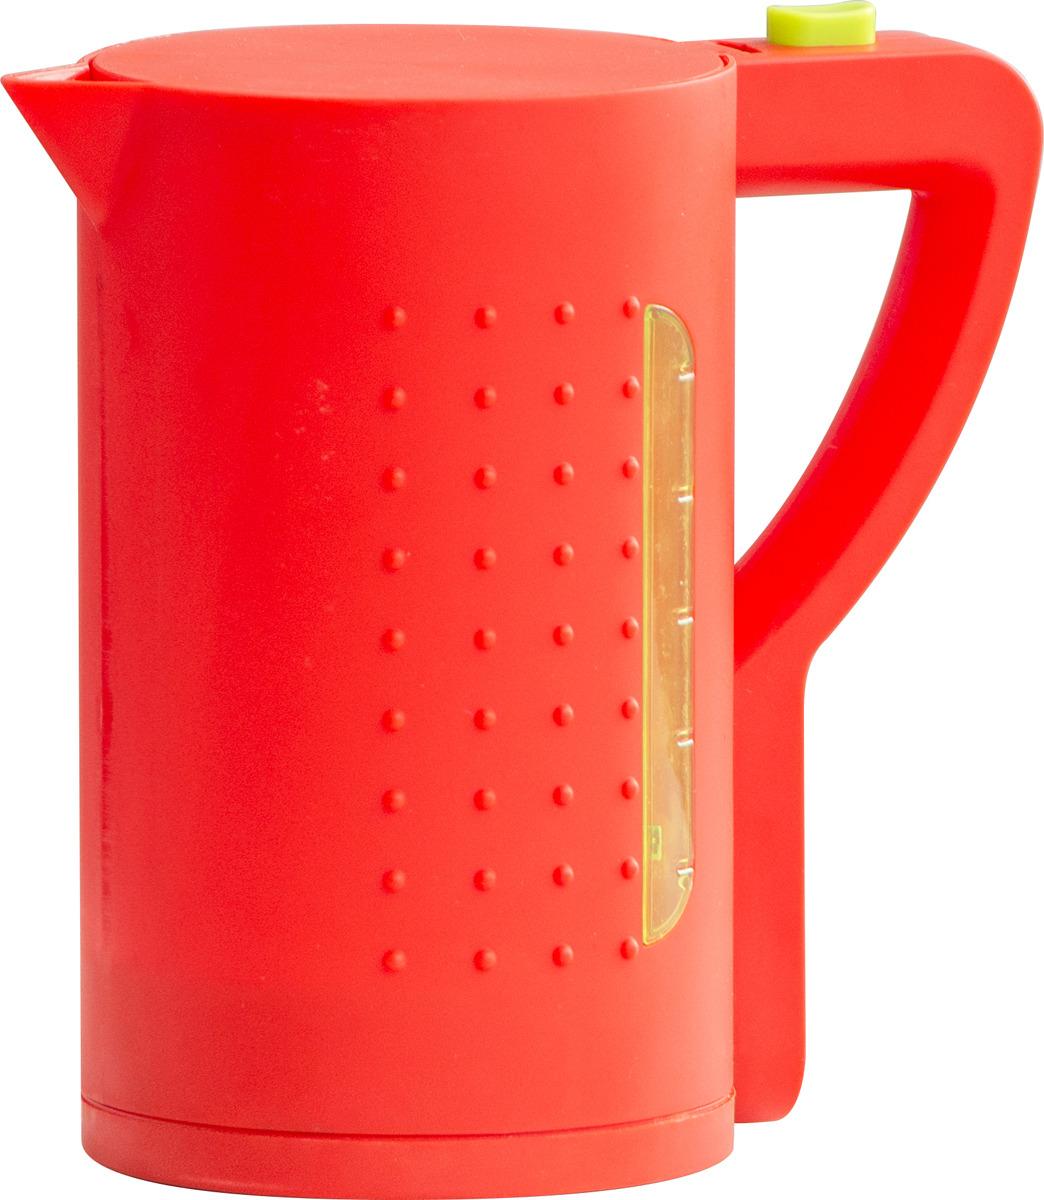 Чайник модерн HTI Smart hti чайник smart hti